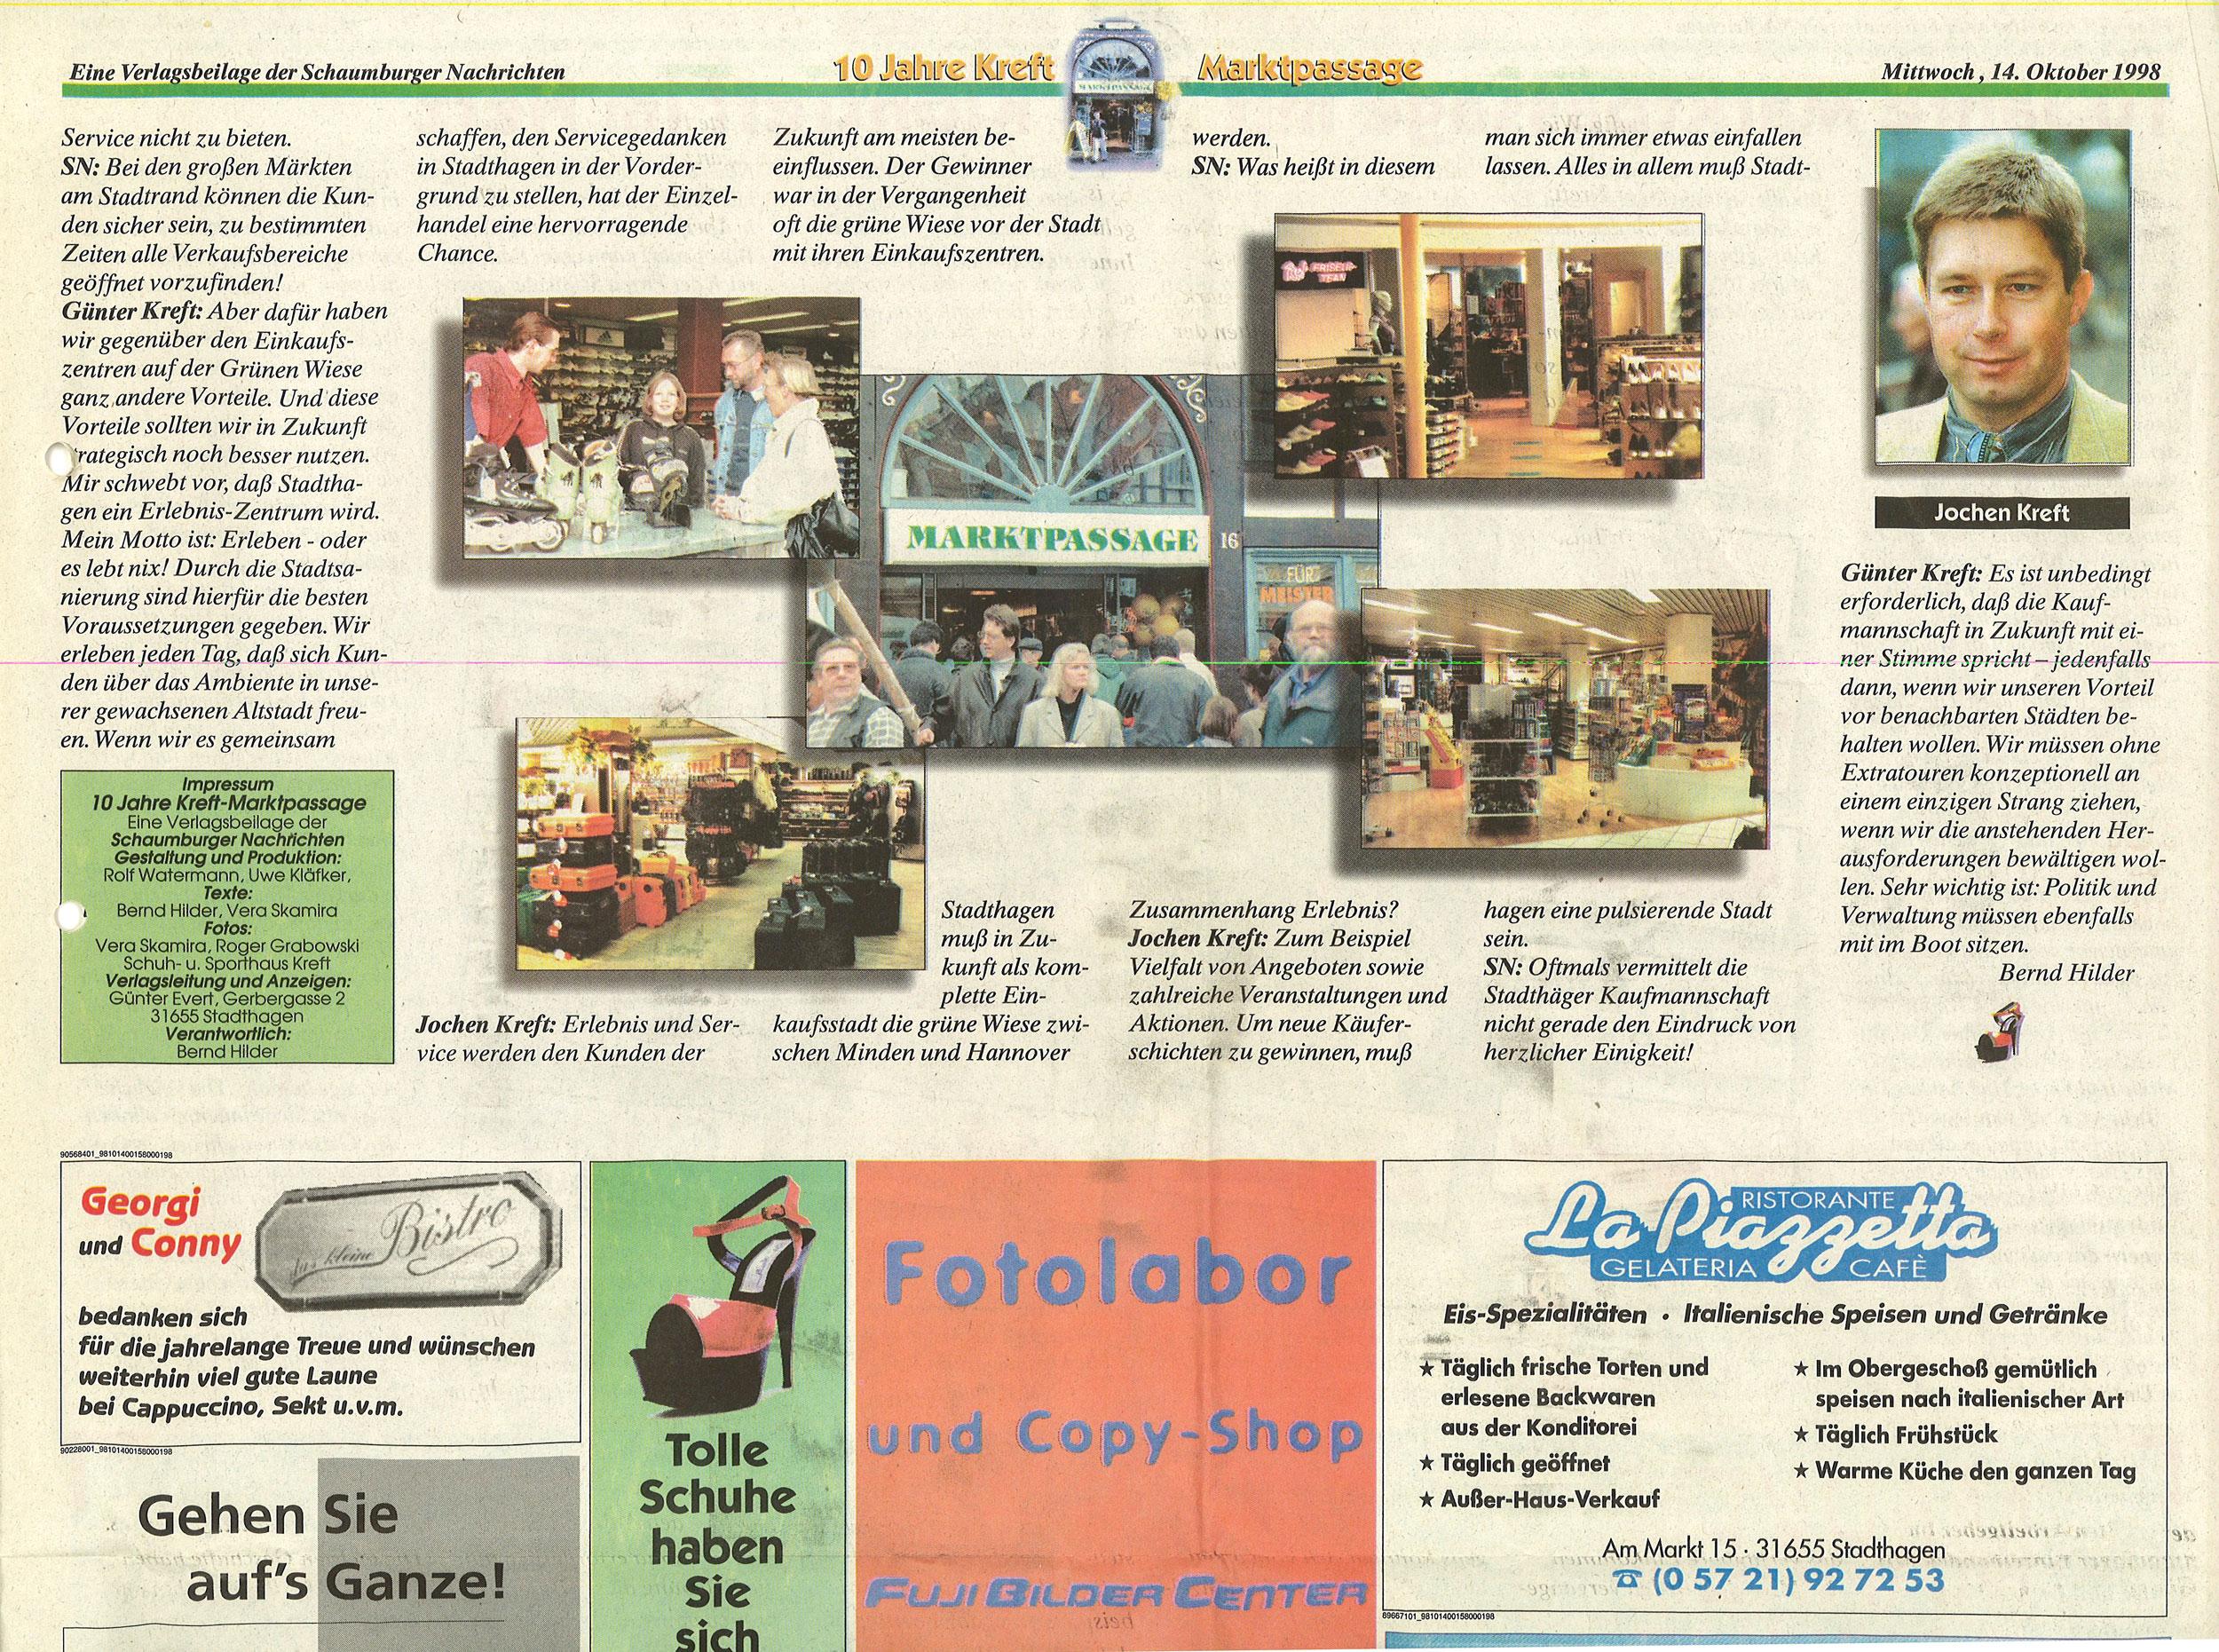 SN-Beilage-1998-Okrober-14-10-Jahre-Marktpassage-4